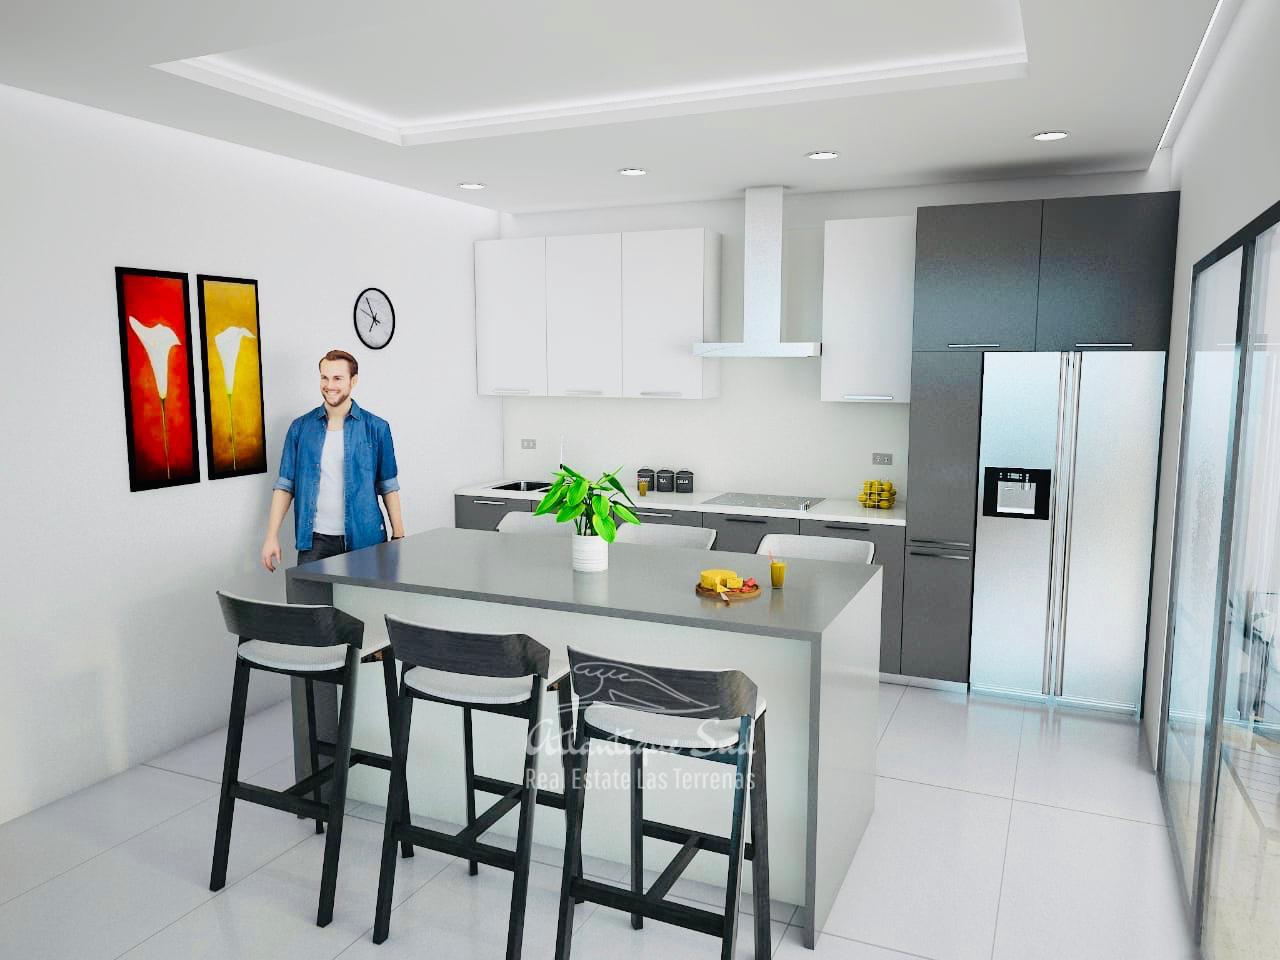 Modern condominium in central location Real Estate Las Terrenas Atlantique Sud Dominican Republic1.jpg